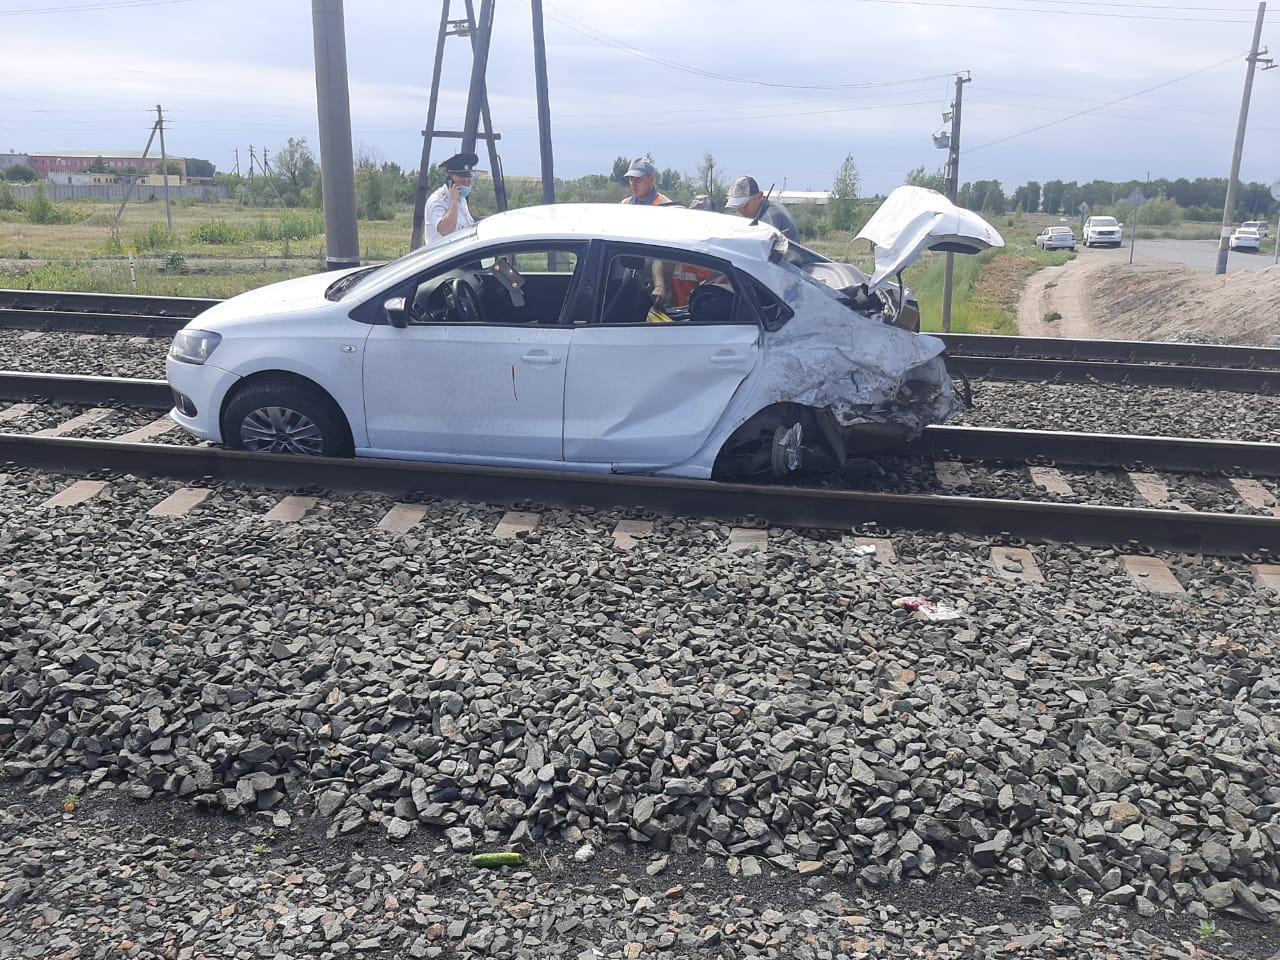 Омичка с 3-летней девочкой в машине въехала под товарный поезд #Новости #Общество #Омск